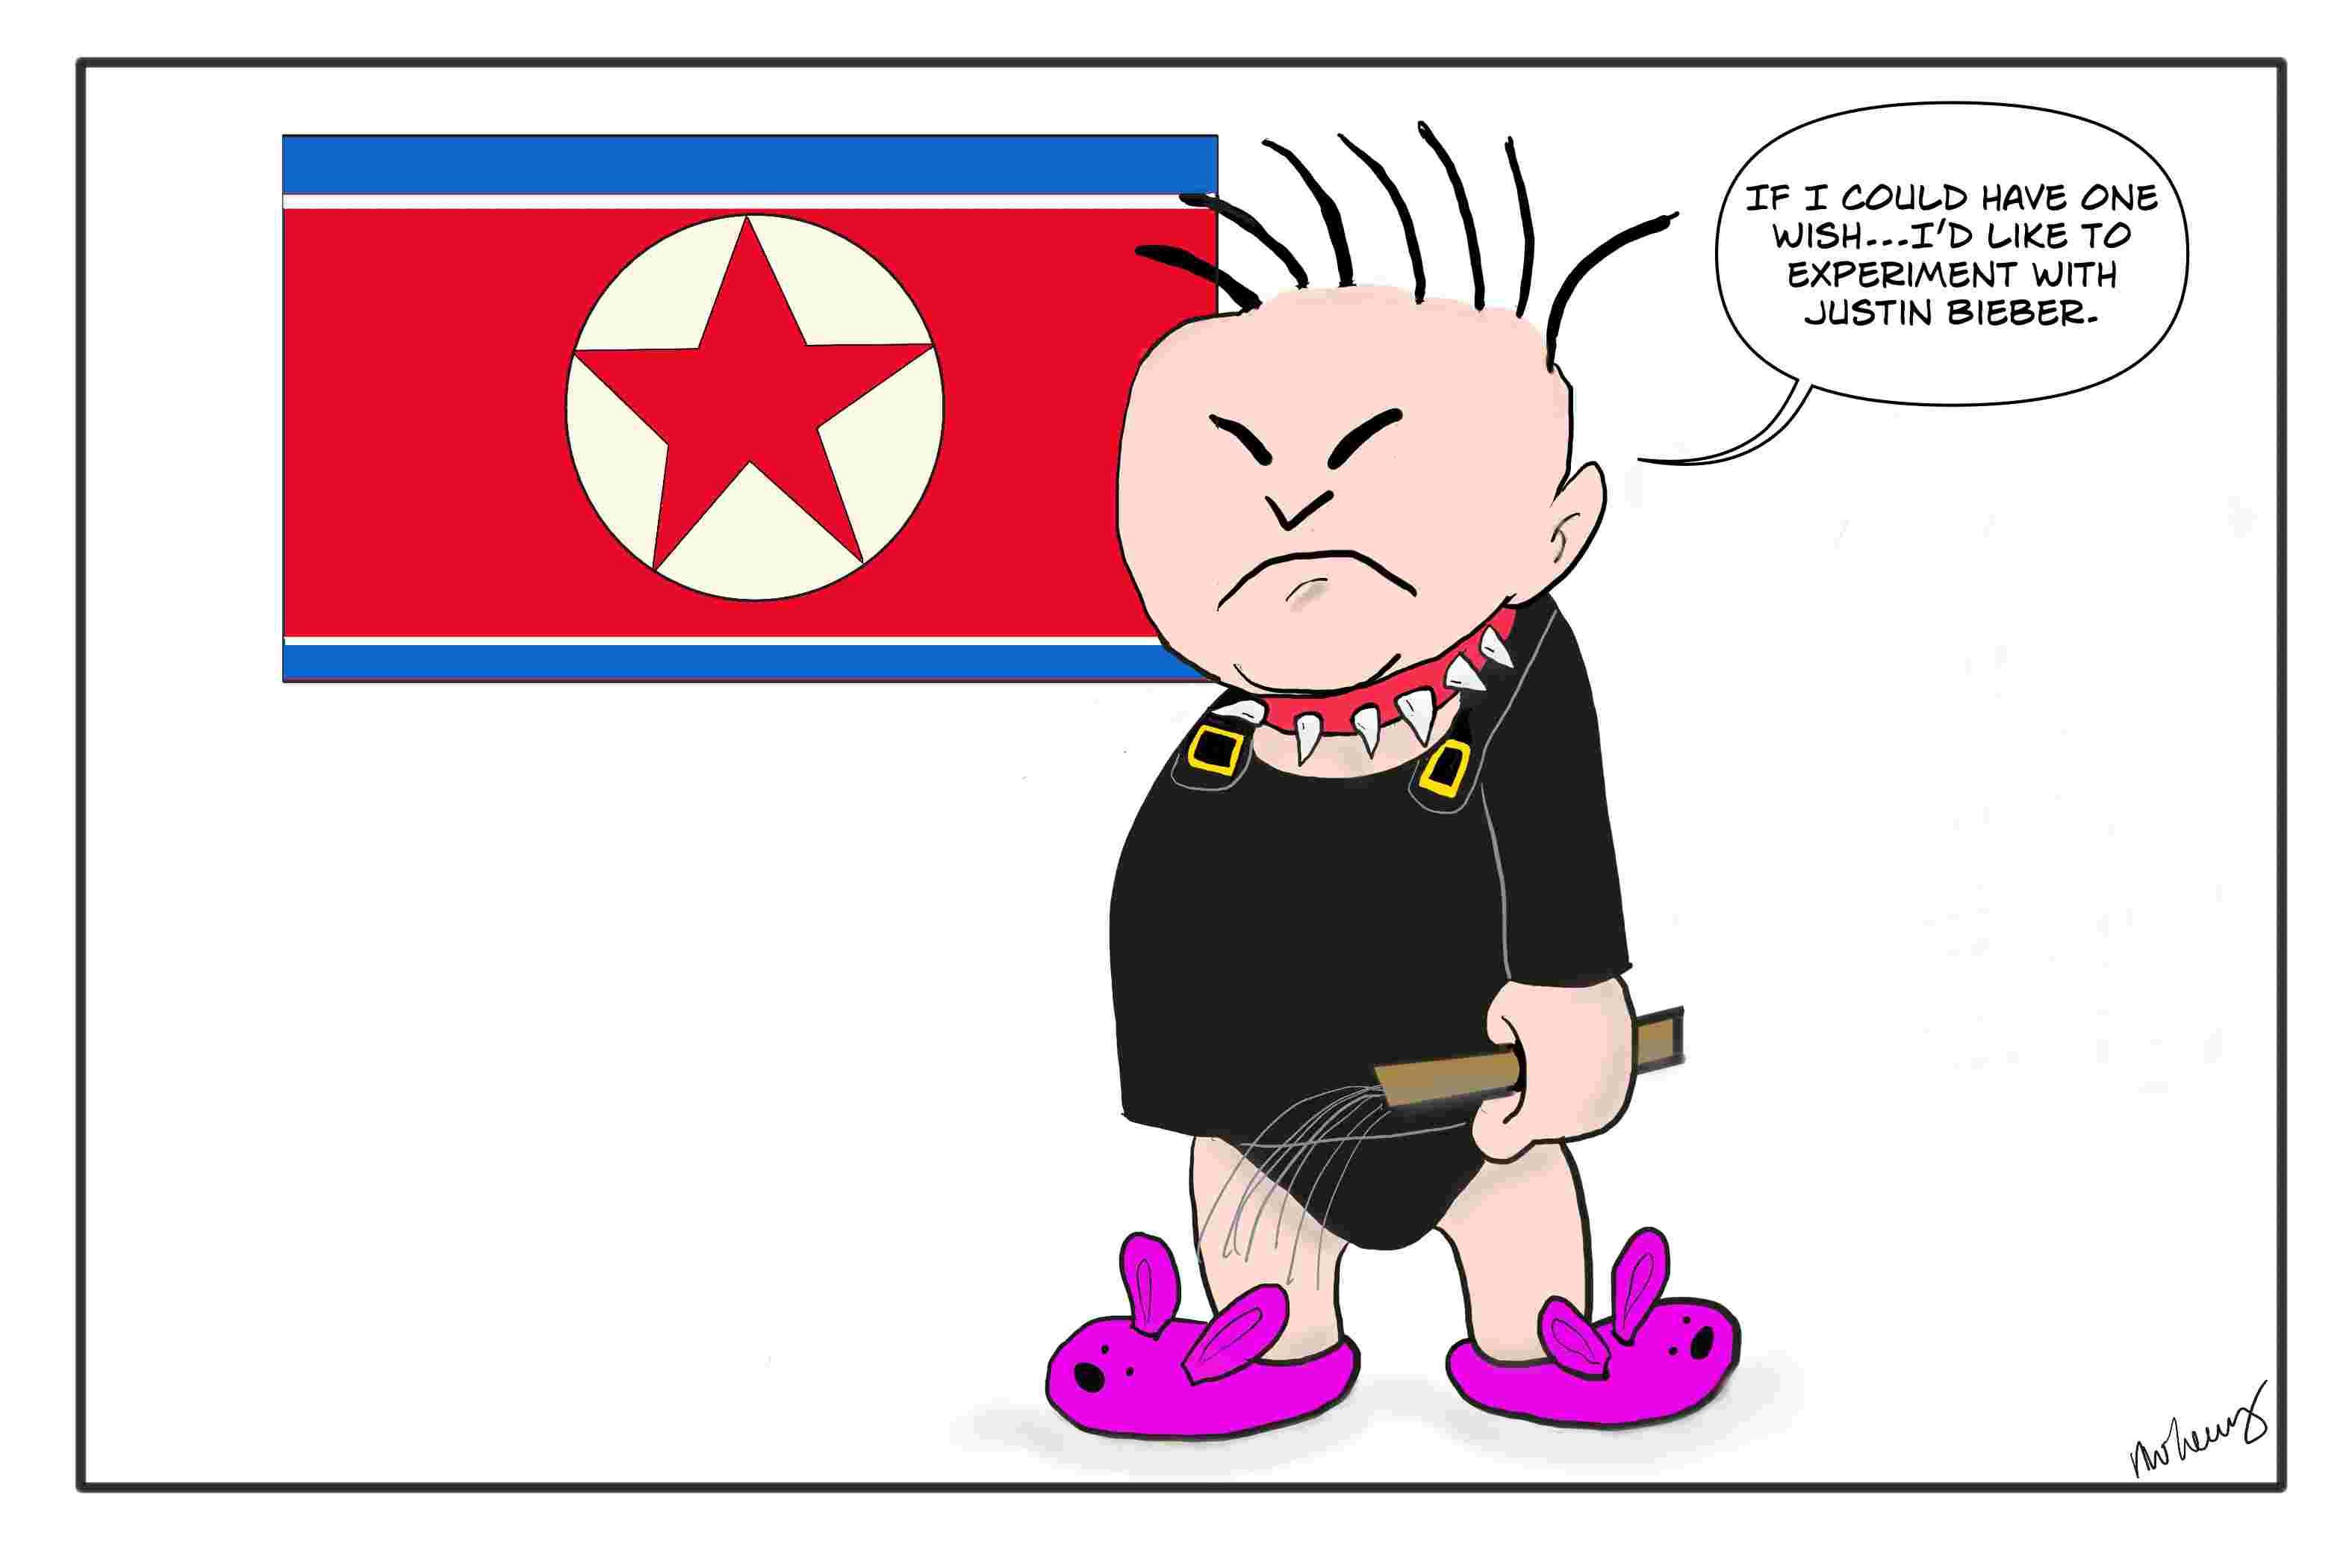 kim-jong-un-fantasy-funny-joke